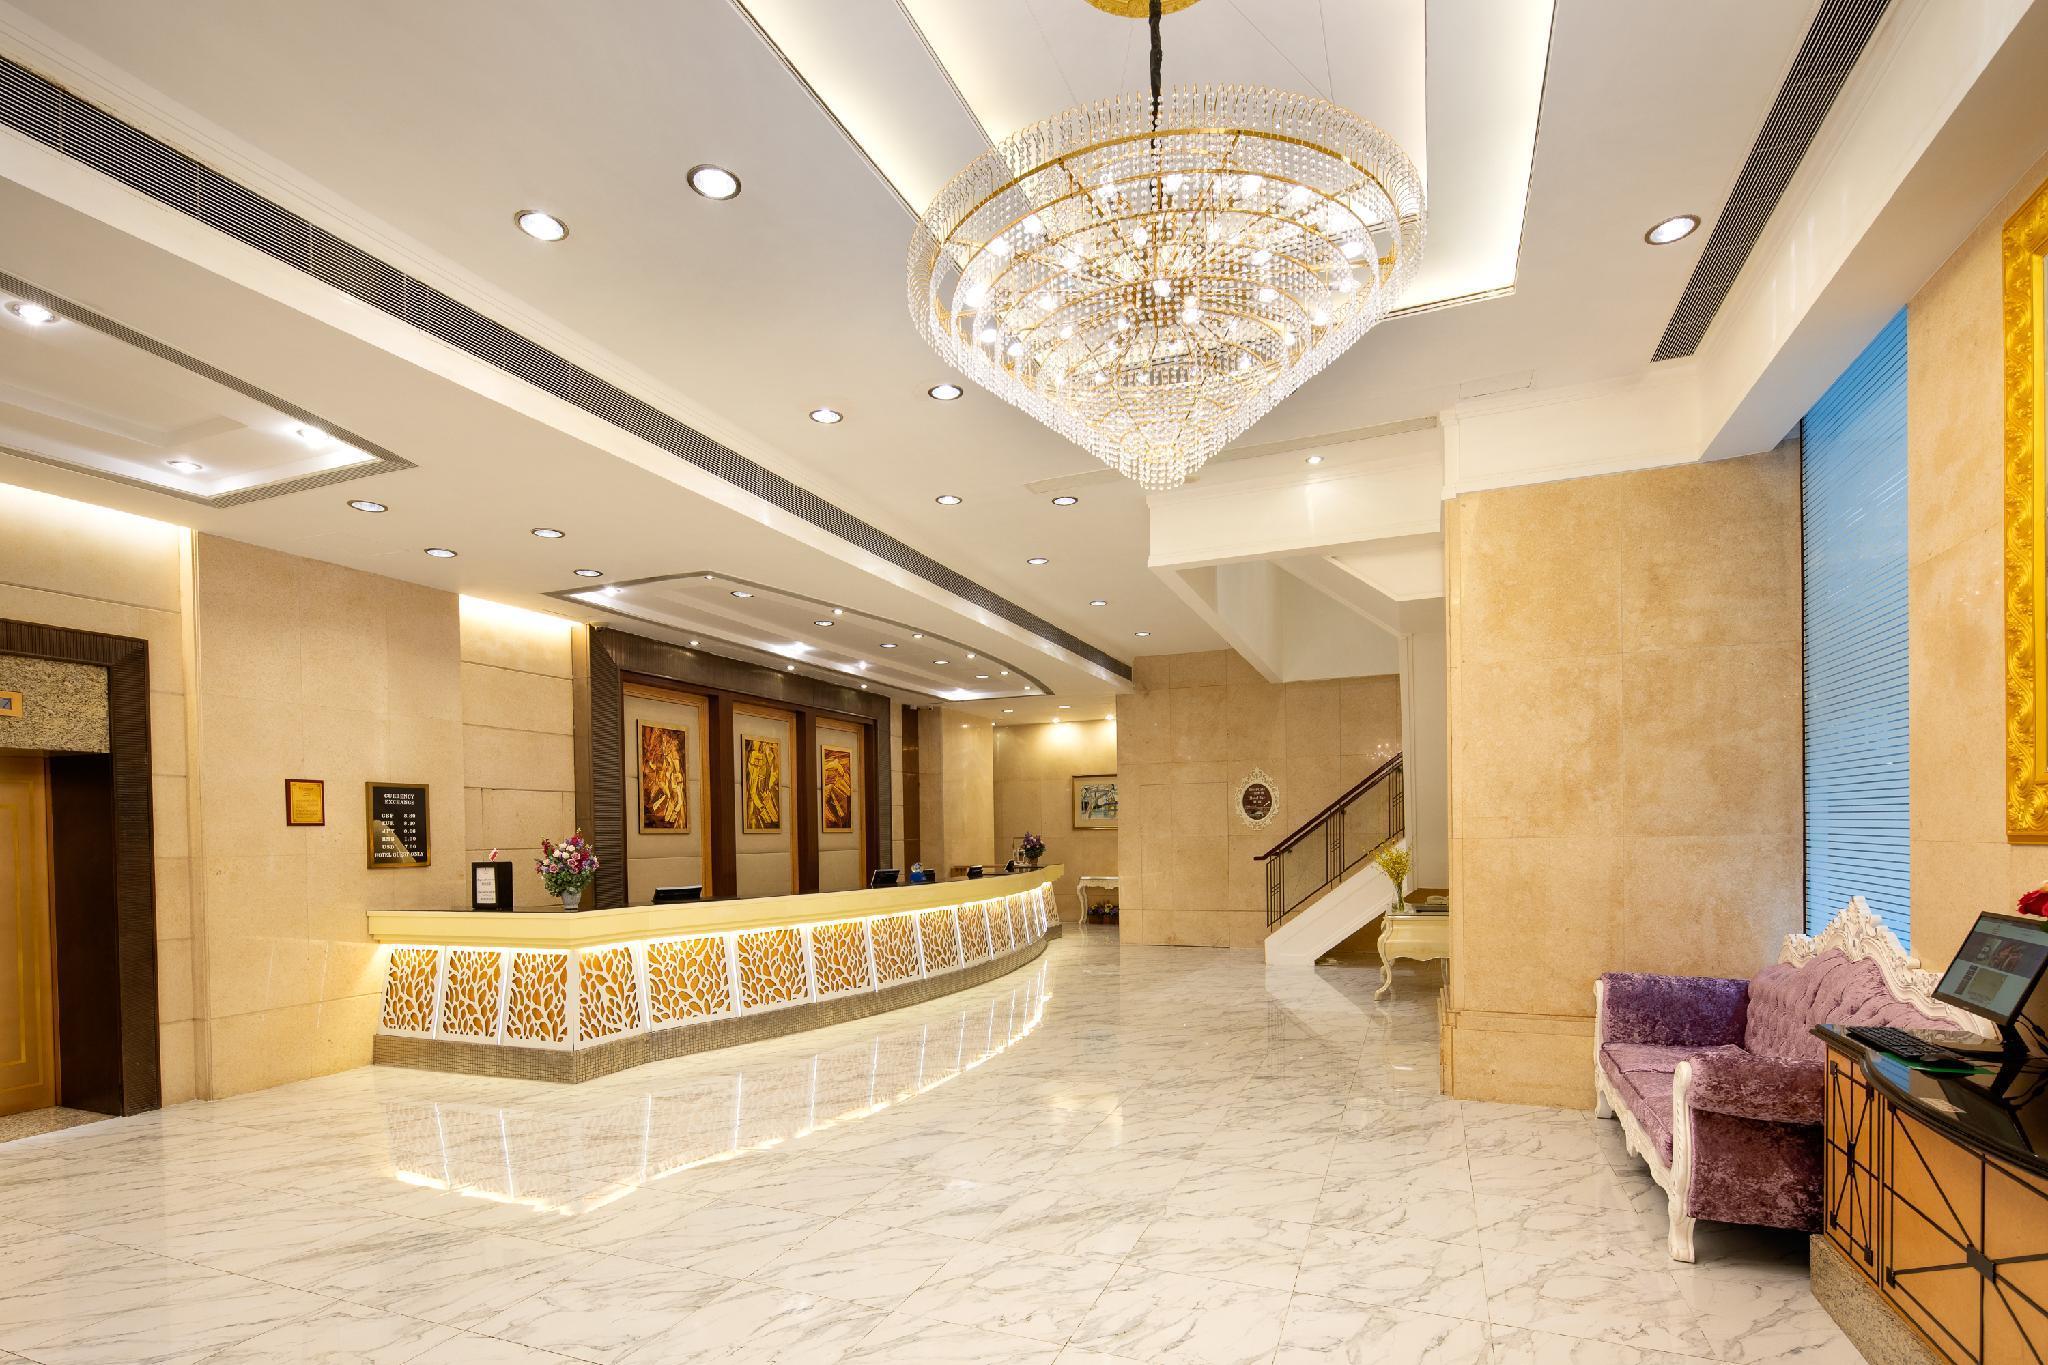 香港華美達盛景酒店 (Ramada Hong Kong Grand View) - Agoda 提供行程前一刻網上即時優惠價格訂房服務